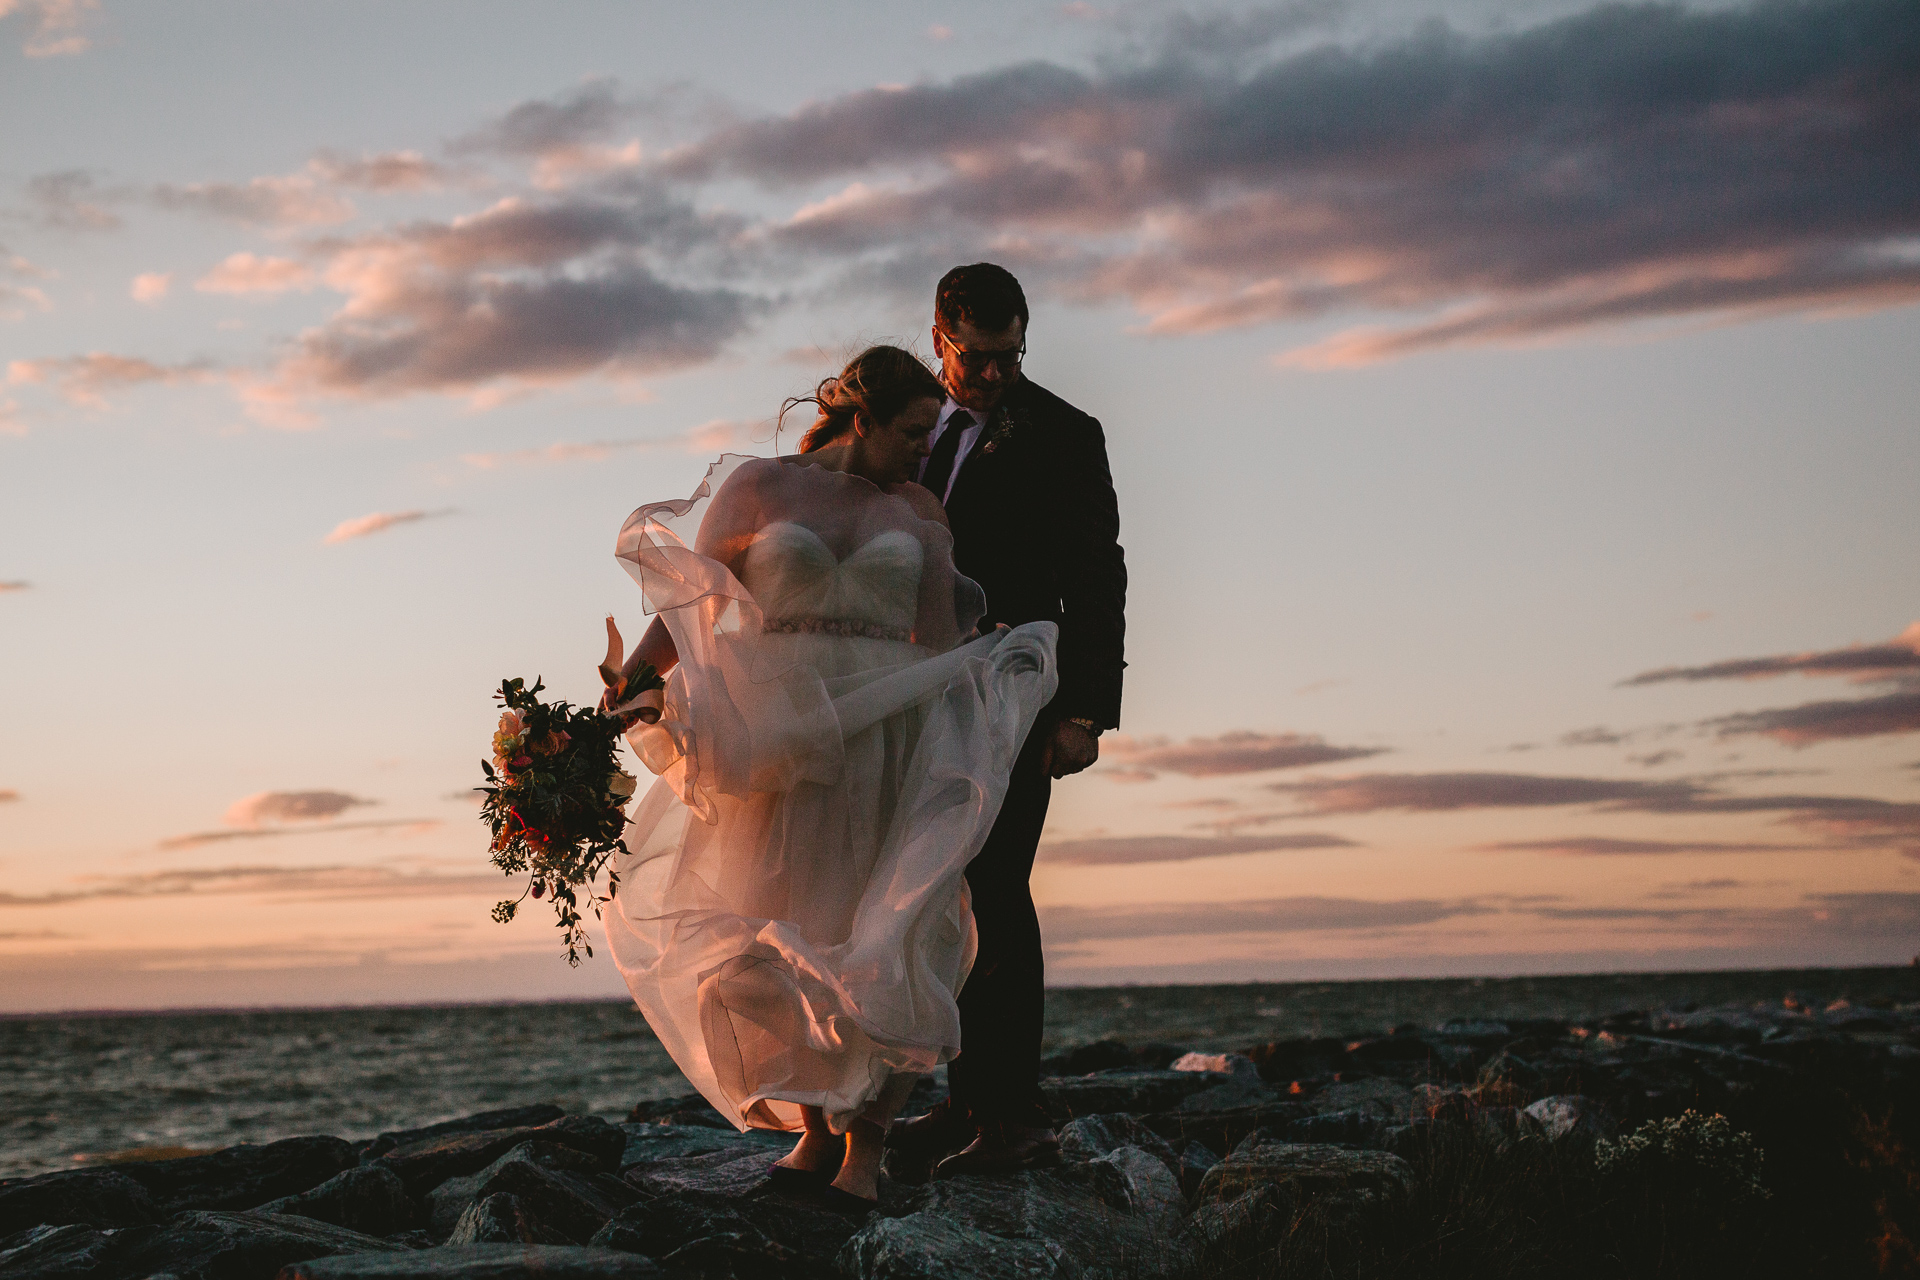 jess-hunter-tilghman-island-wedding-photographer-8405.jpg